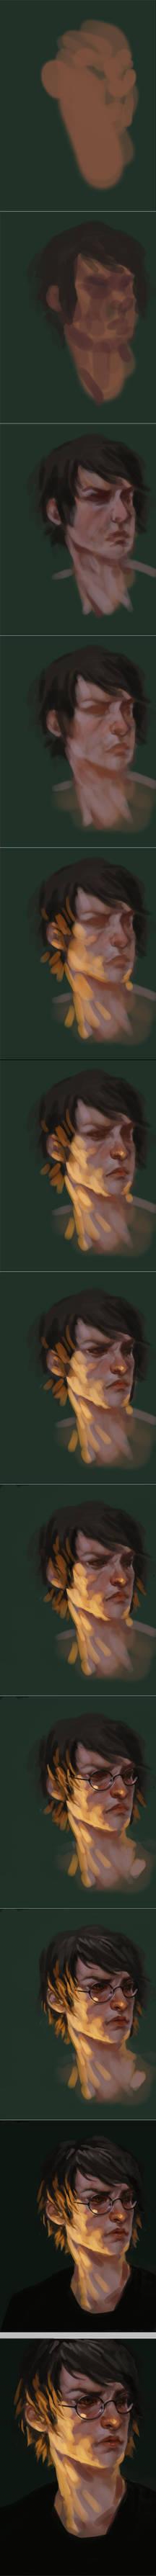 harry portrait process